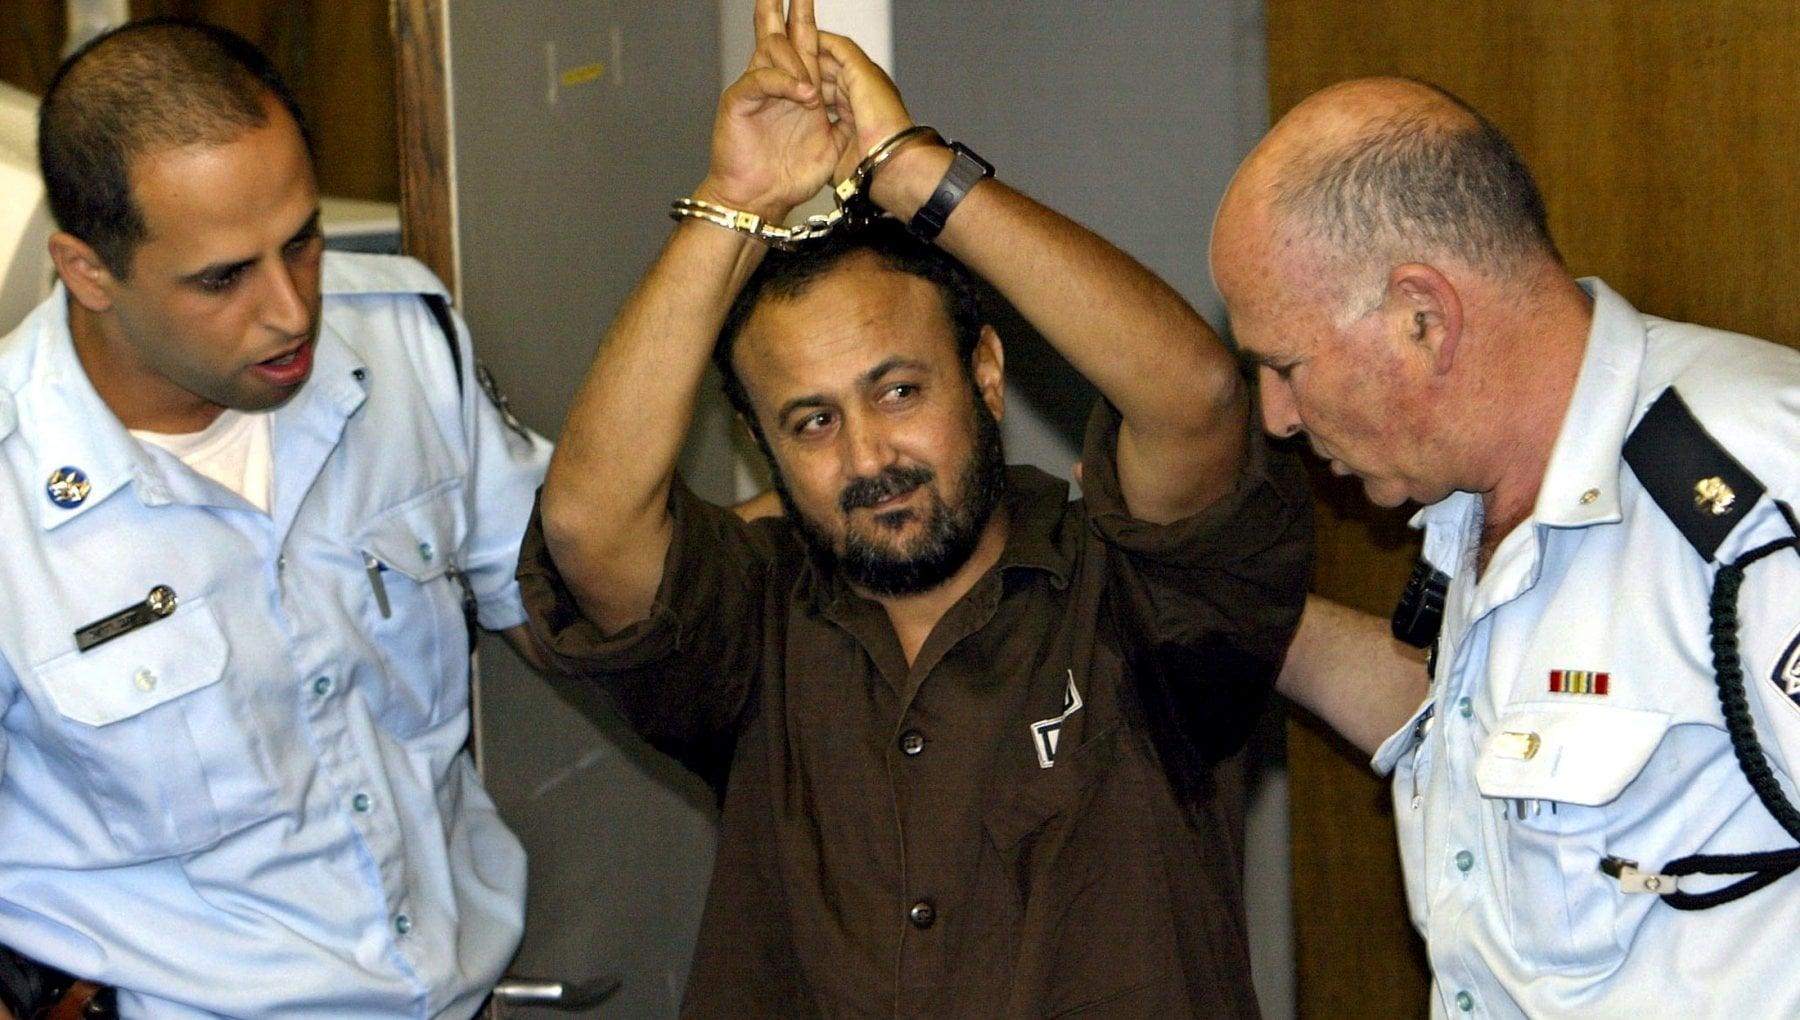 204048253 f6430d82 3297 4af1 8b33 a83d67de6767 - Prime elezioni palestinesi in 15 anni, Barghouti sfida Abu Mazen. E si teme il rinvio